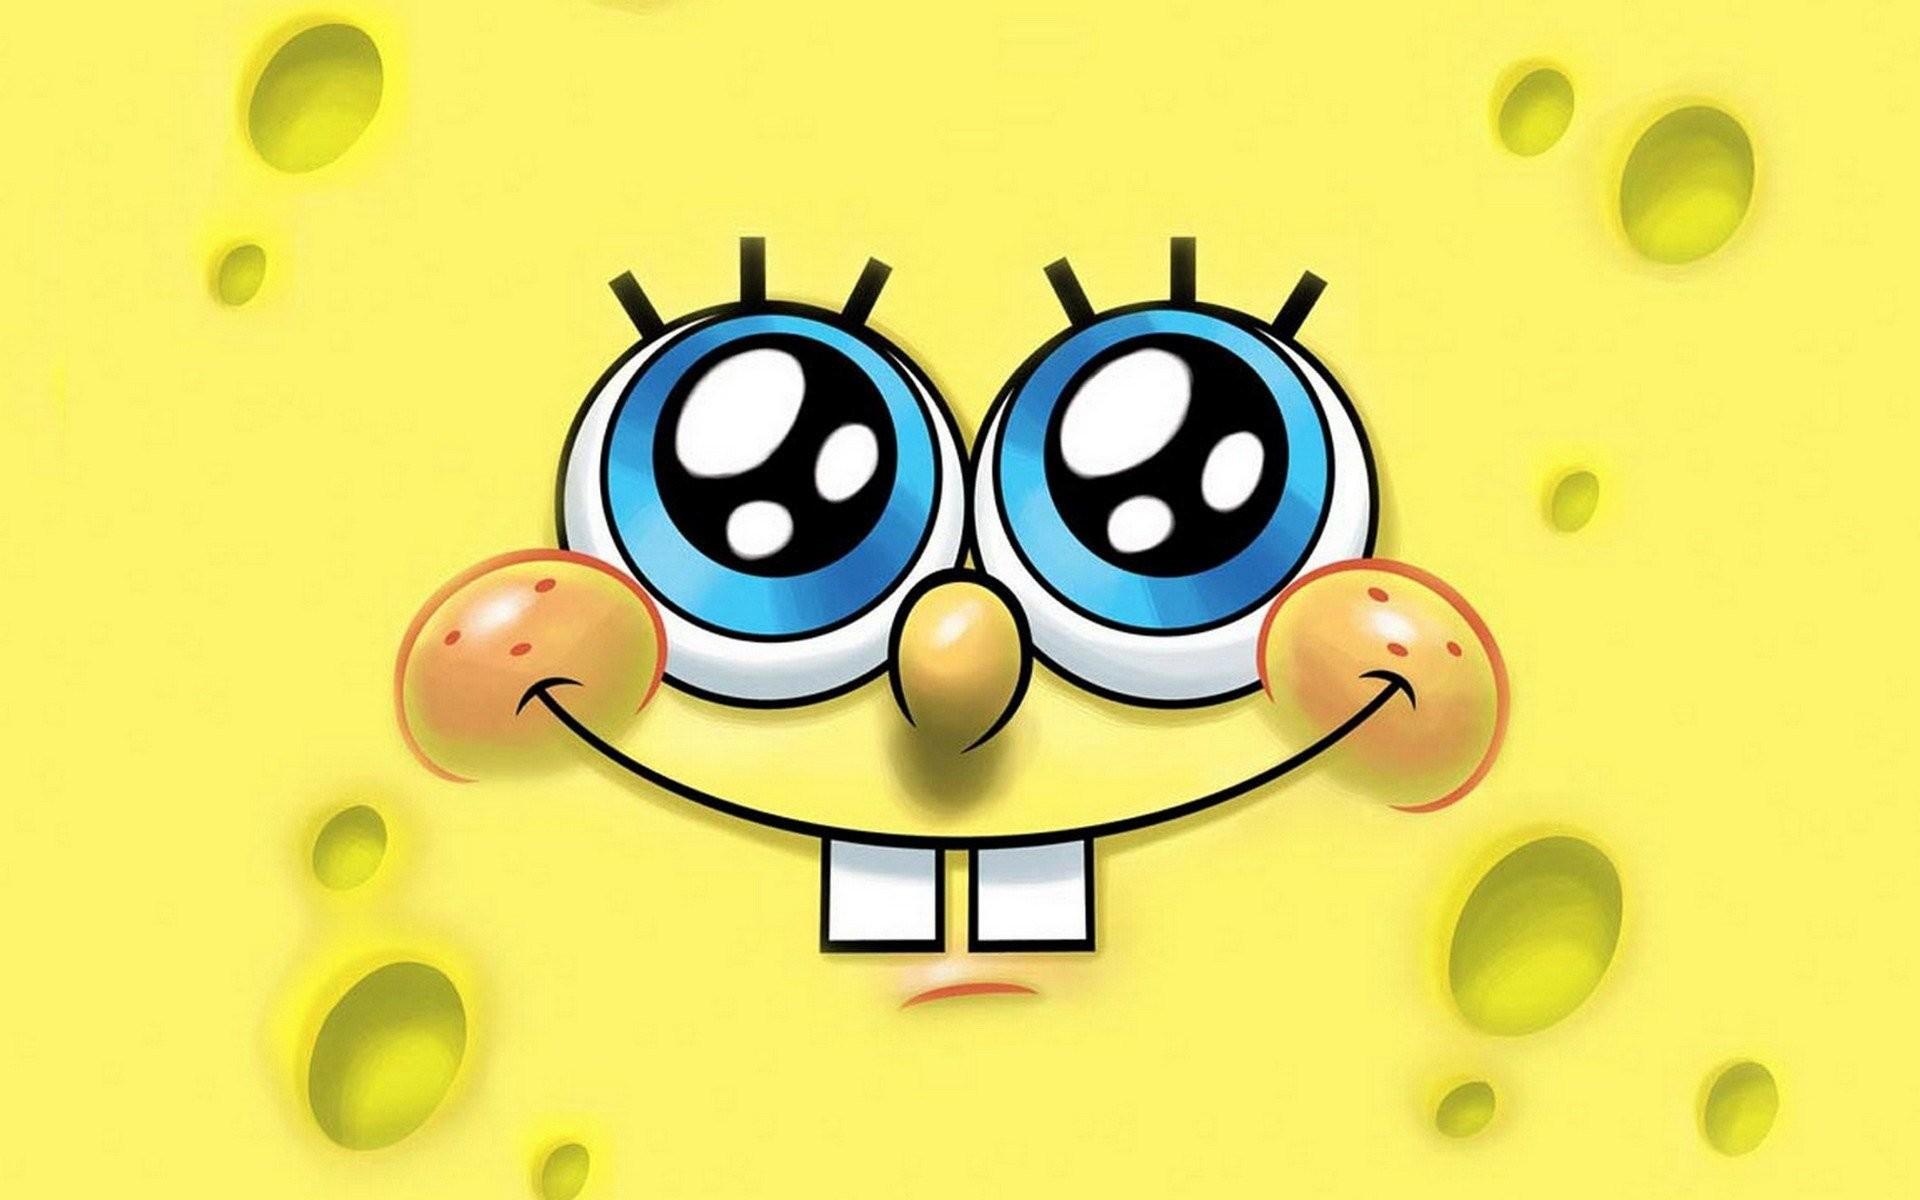 Spongebob Underwater Wallpaper